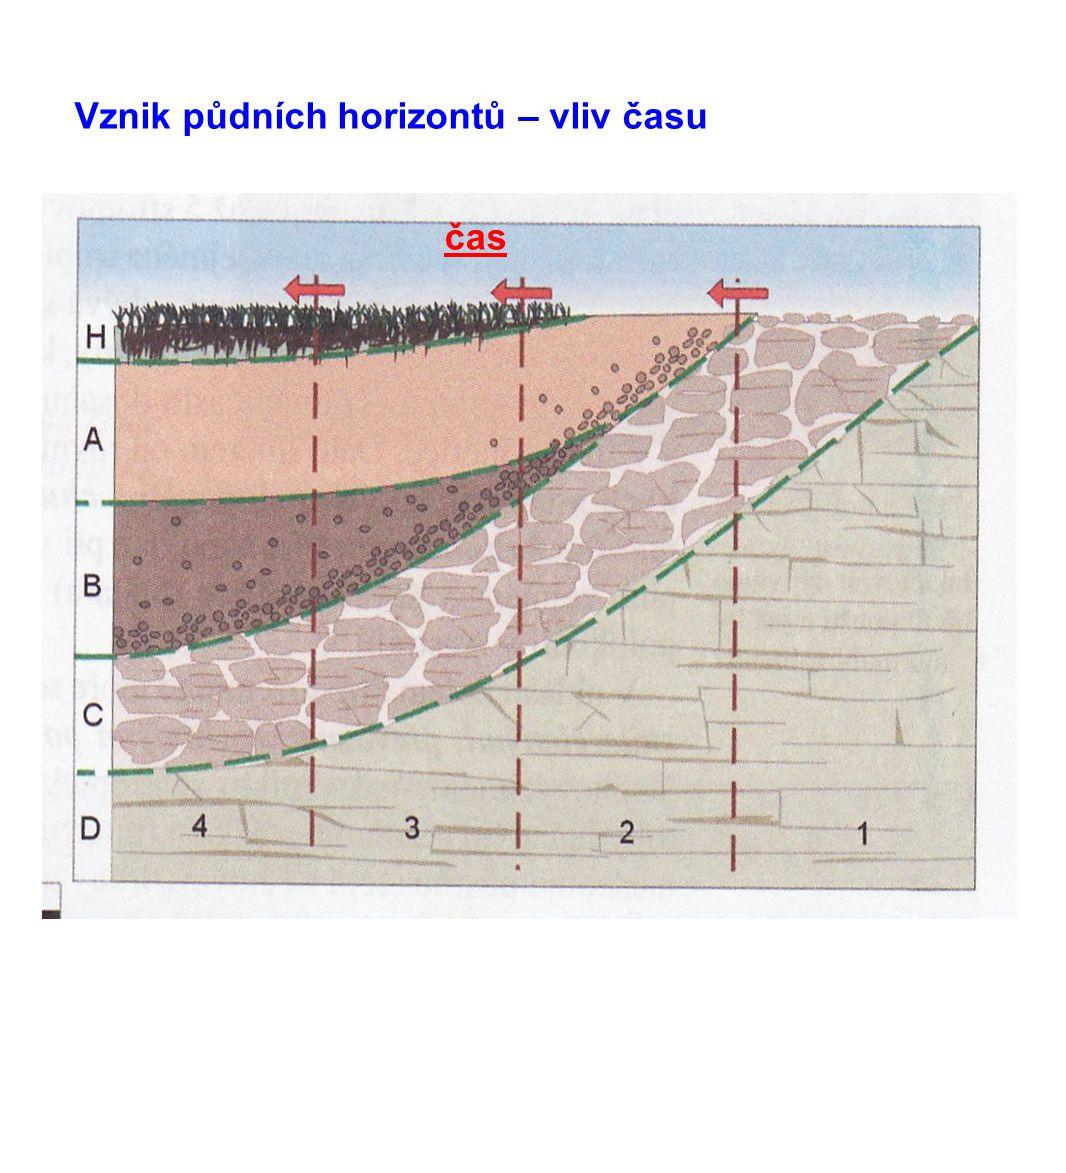 http://geologie.vsb.cz/geomorfologie/Prednasky/8_obrazky/8_12_pudni_horizonty.jpg A – humusový horizont A1 – humus (zbytky organismů) A2 – ochuzený (eluviální) B – půdní horizont (iluviální) C – matečný (půdotvorný) horizont Hlavní půdní horizonty